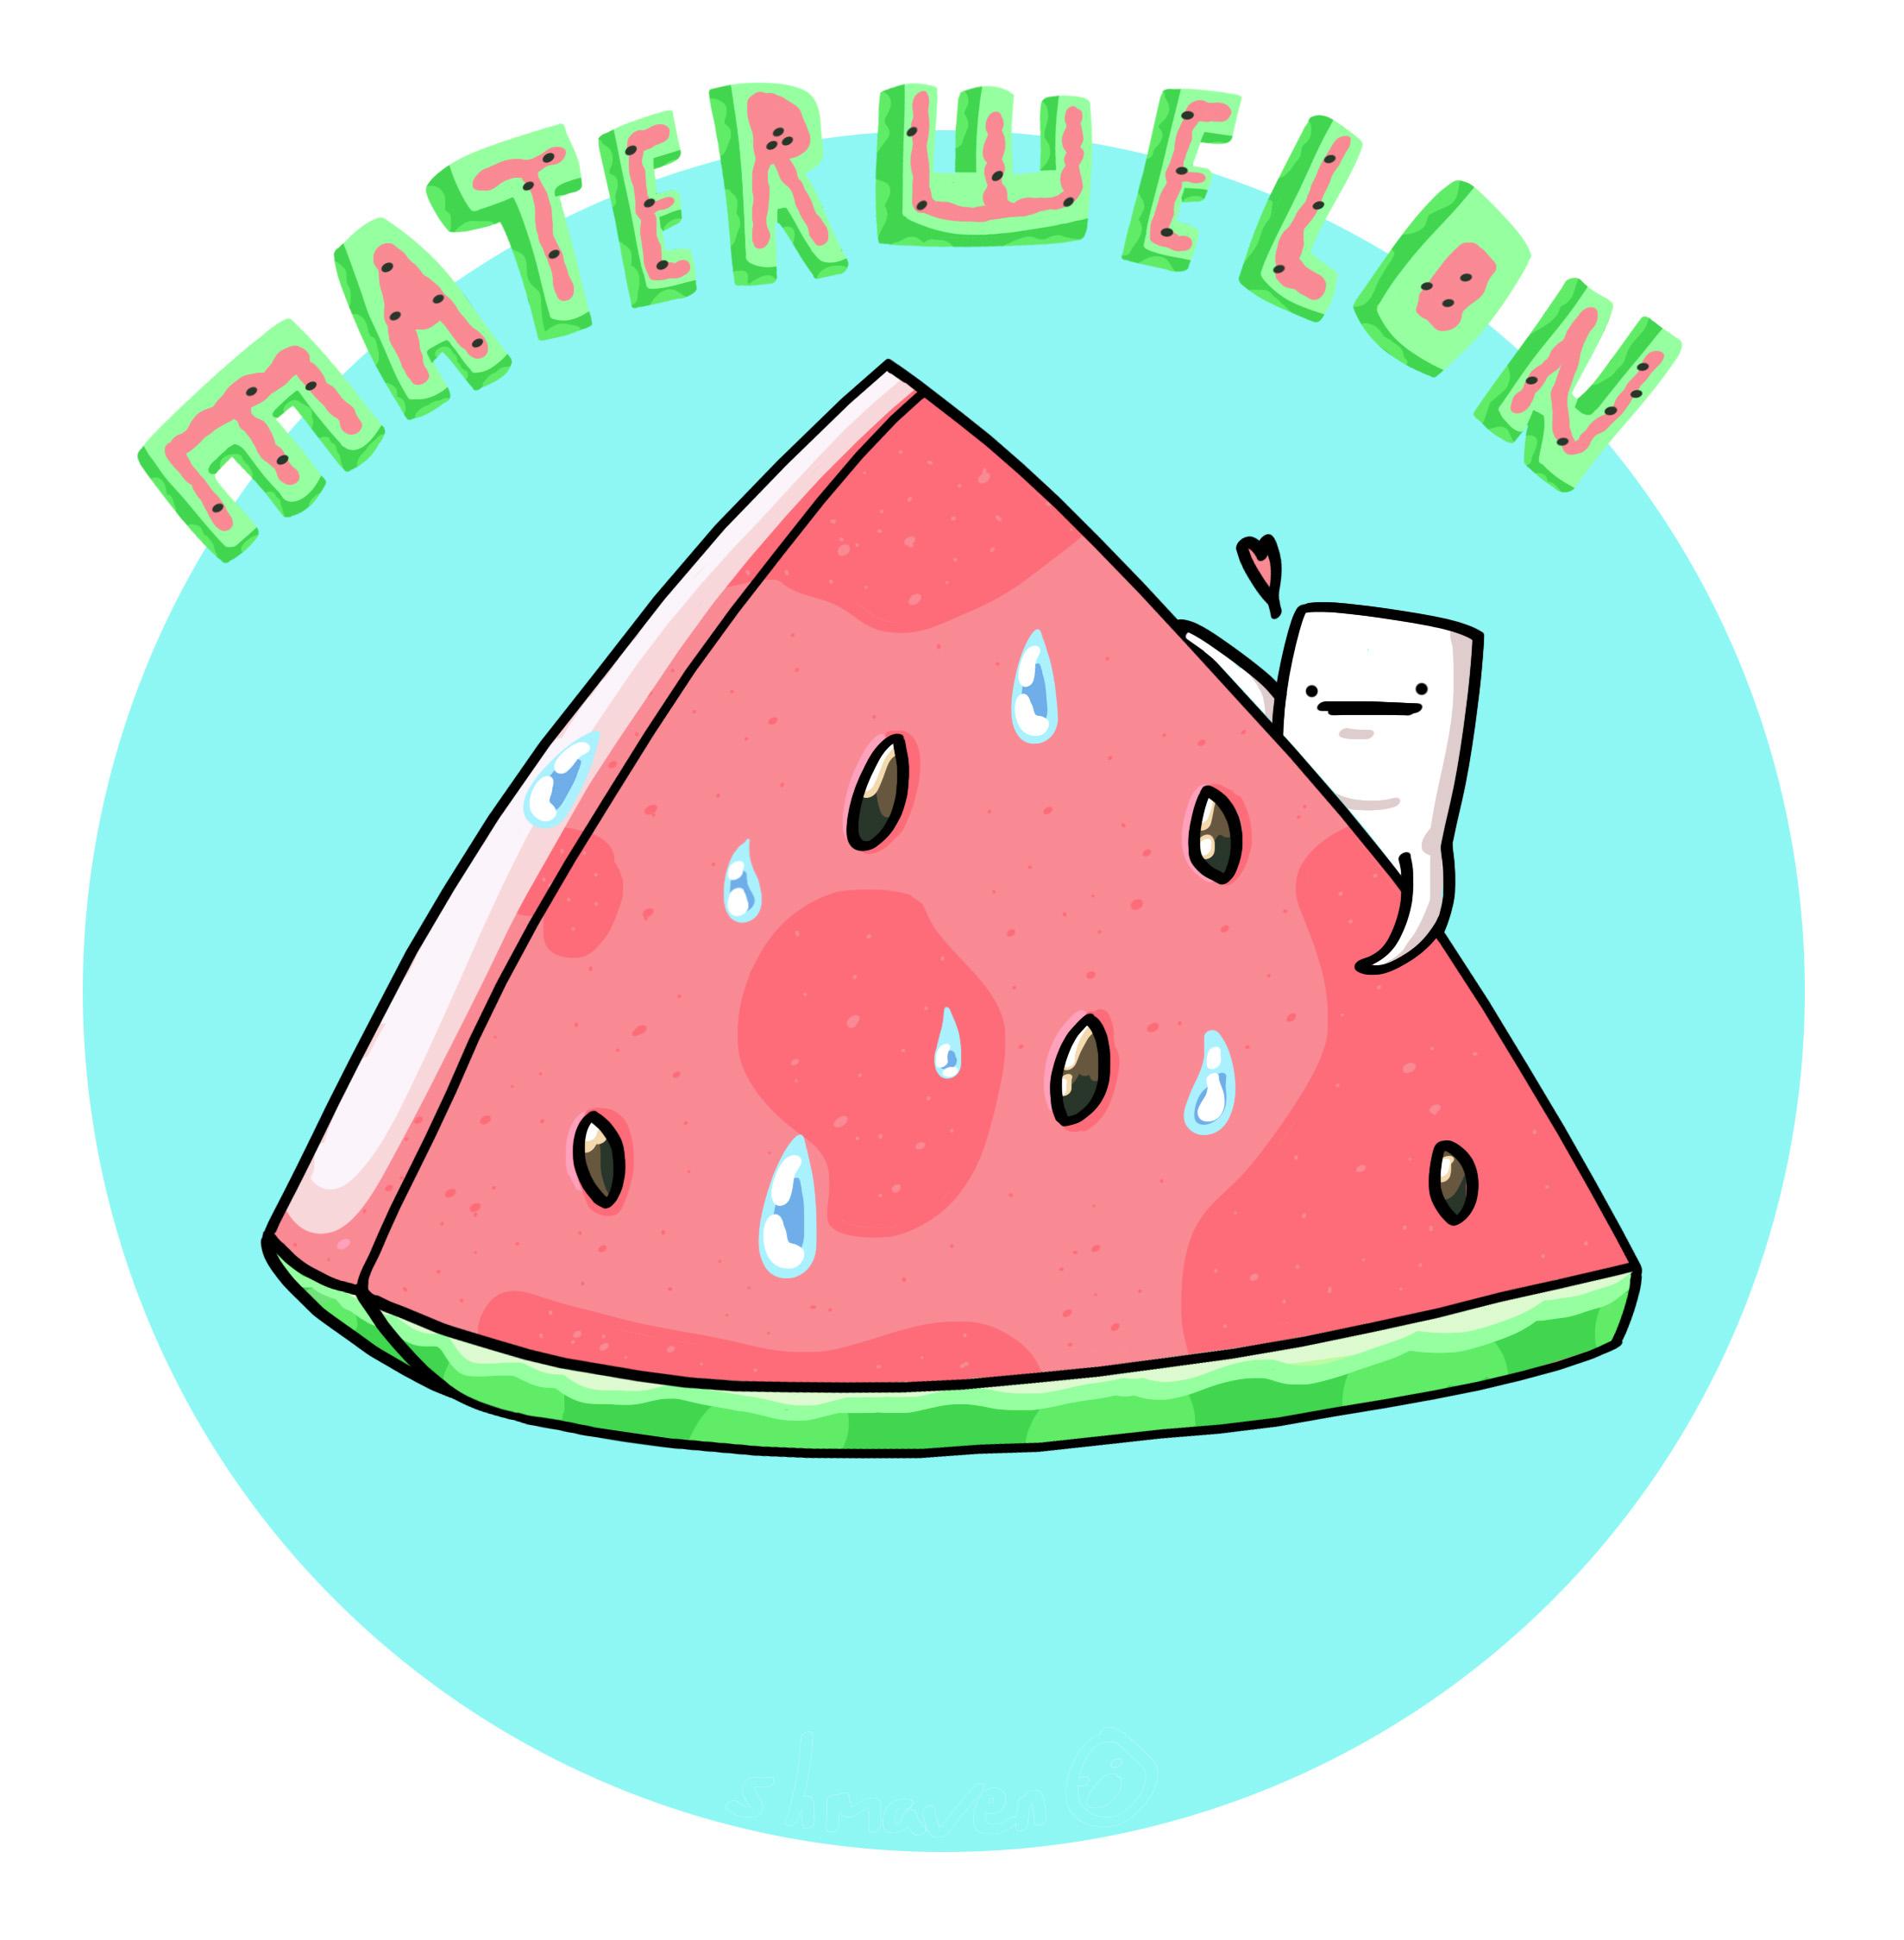 water mater melon welon